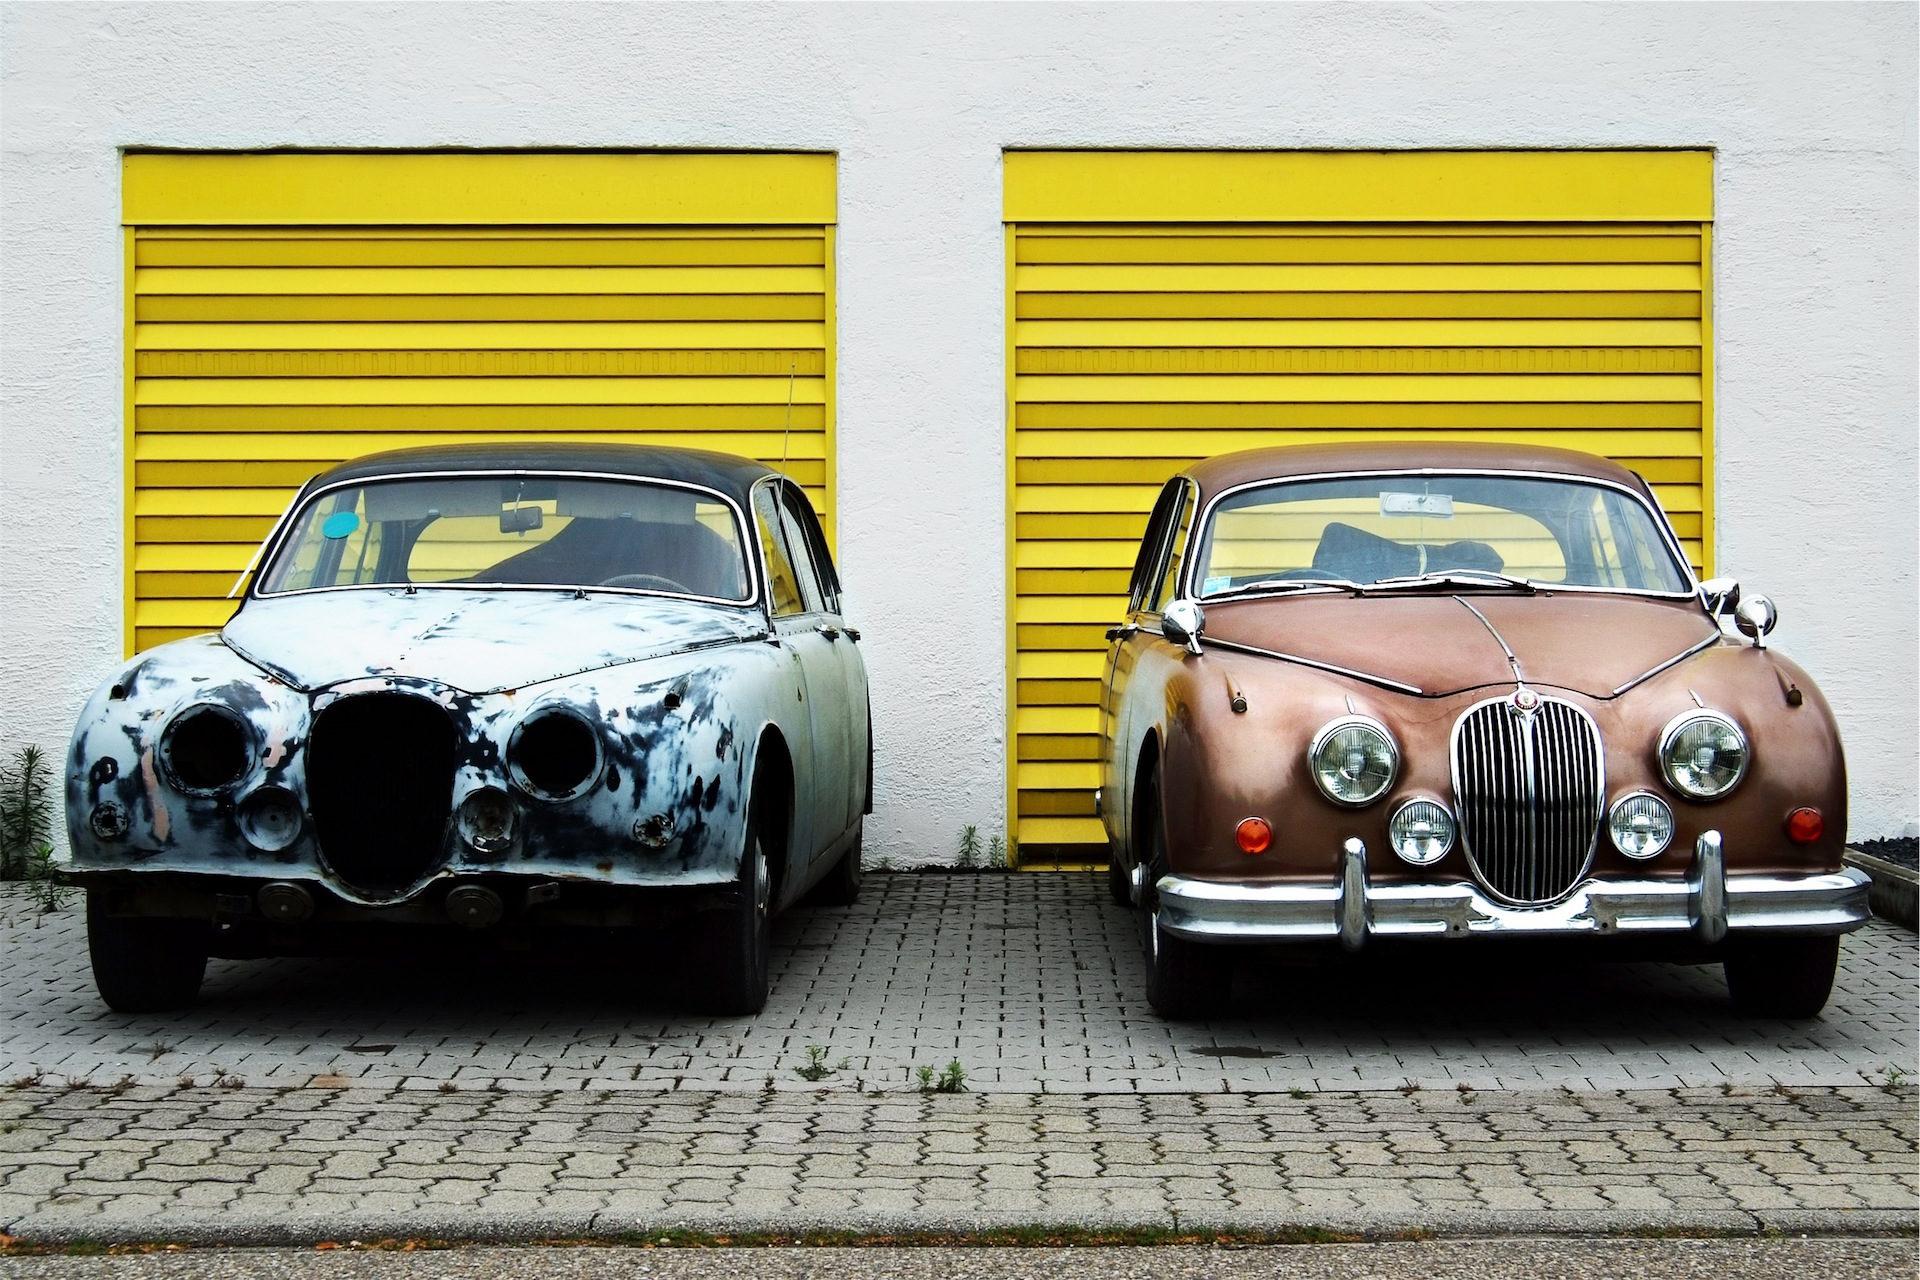 coches, viejo, renovado, vintage, clásico - Fondos de Pantalla HD - professor-falken.com